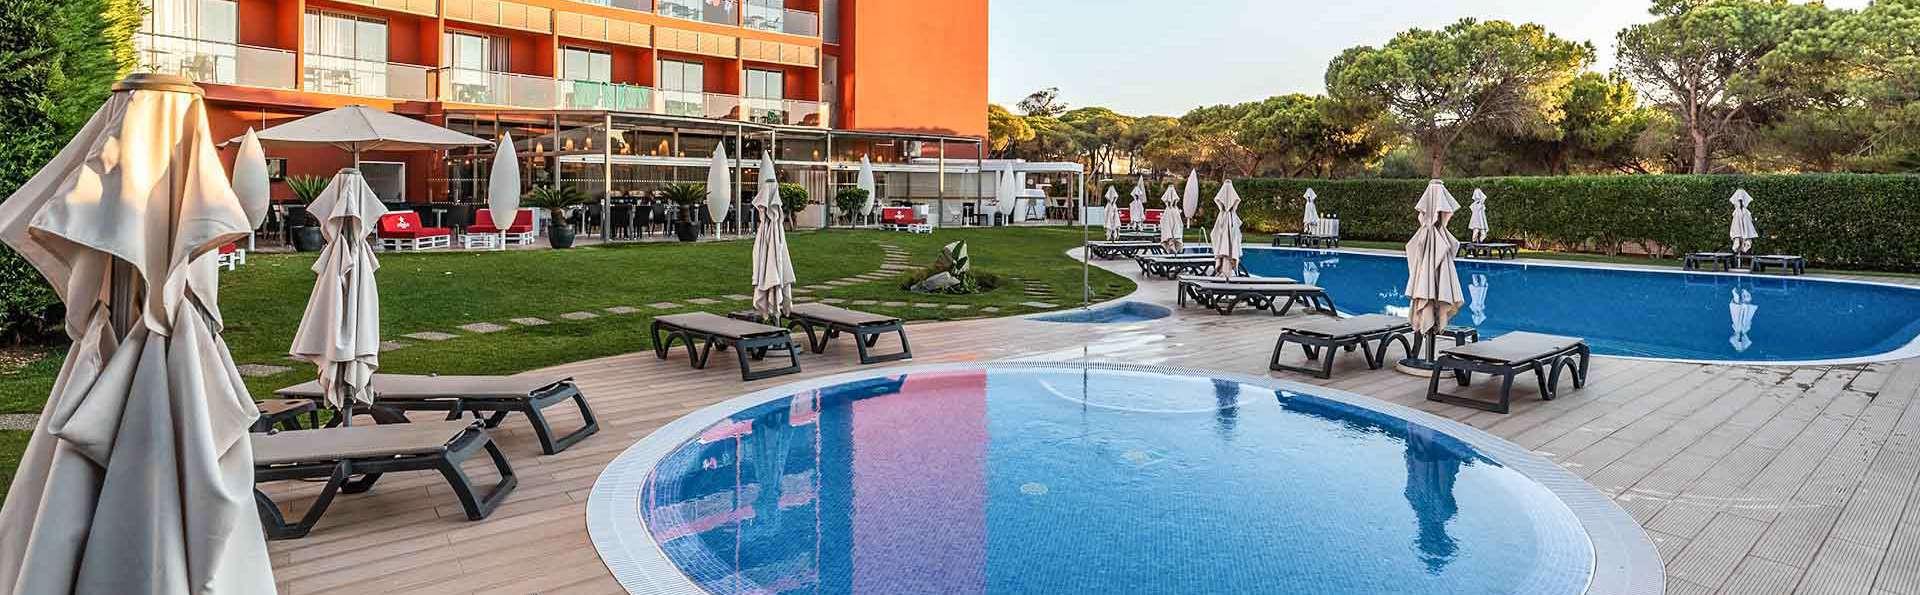 Escapada con detalles de bienvenida en un hotel con acceso directo a la playa de Bicos del Algarve